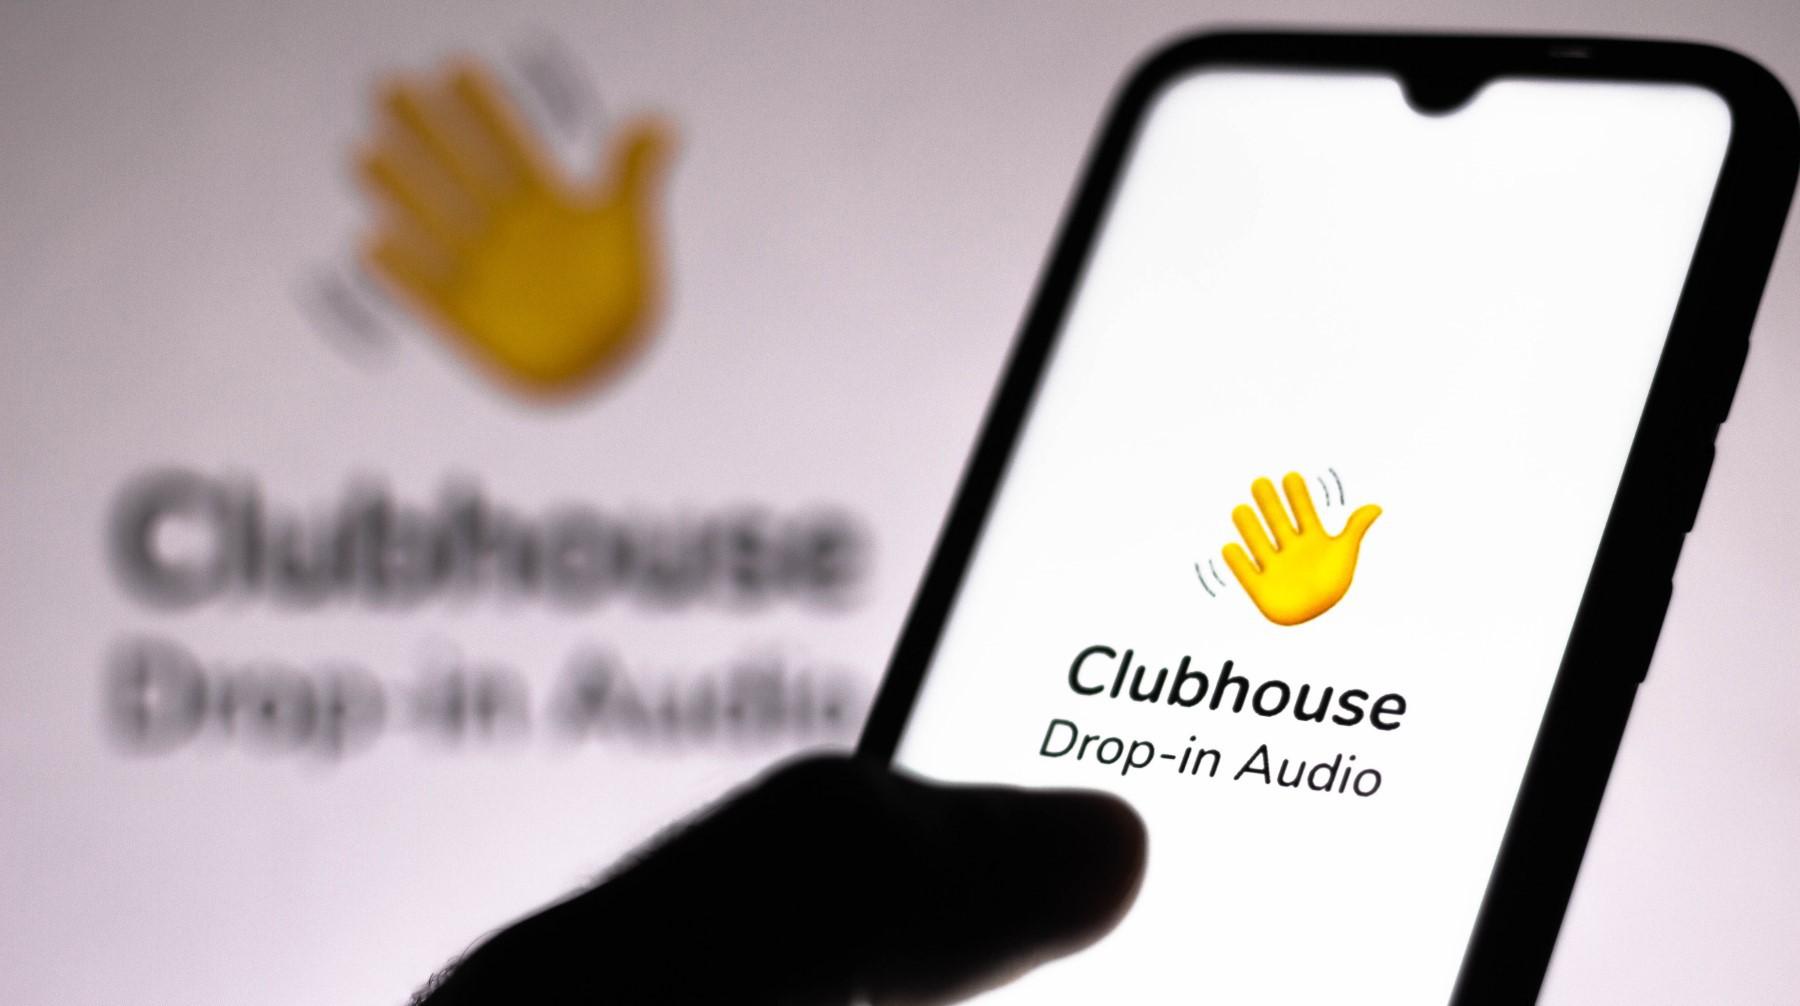 Эксклюзивная социальная сеть Clubhouse – общение со звездами в режиме онлайн